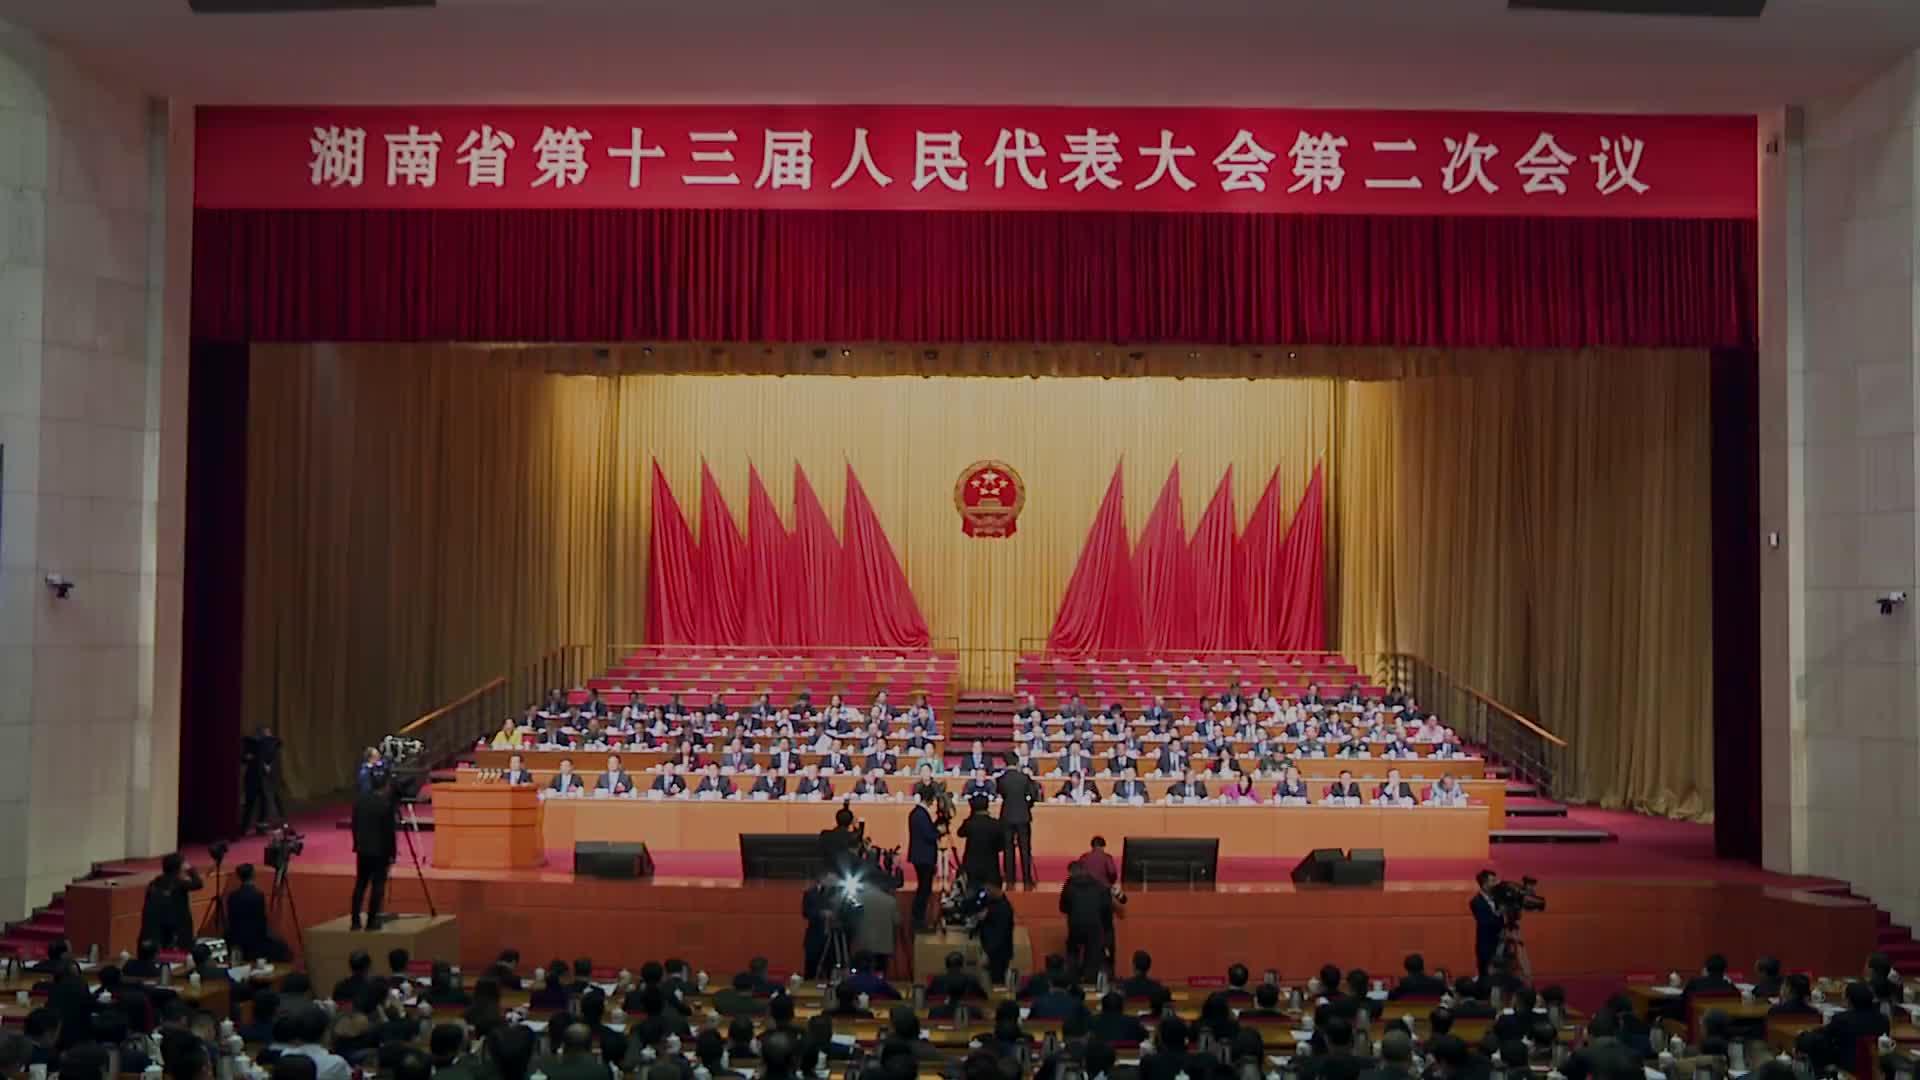 【全程回放】湖南省第十三届人民代表大会第二次会议